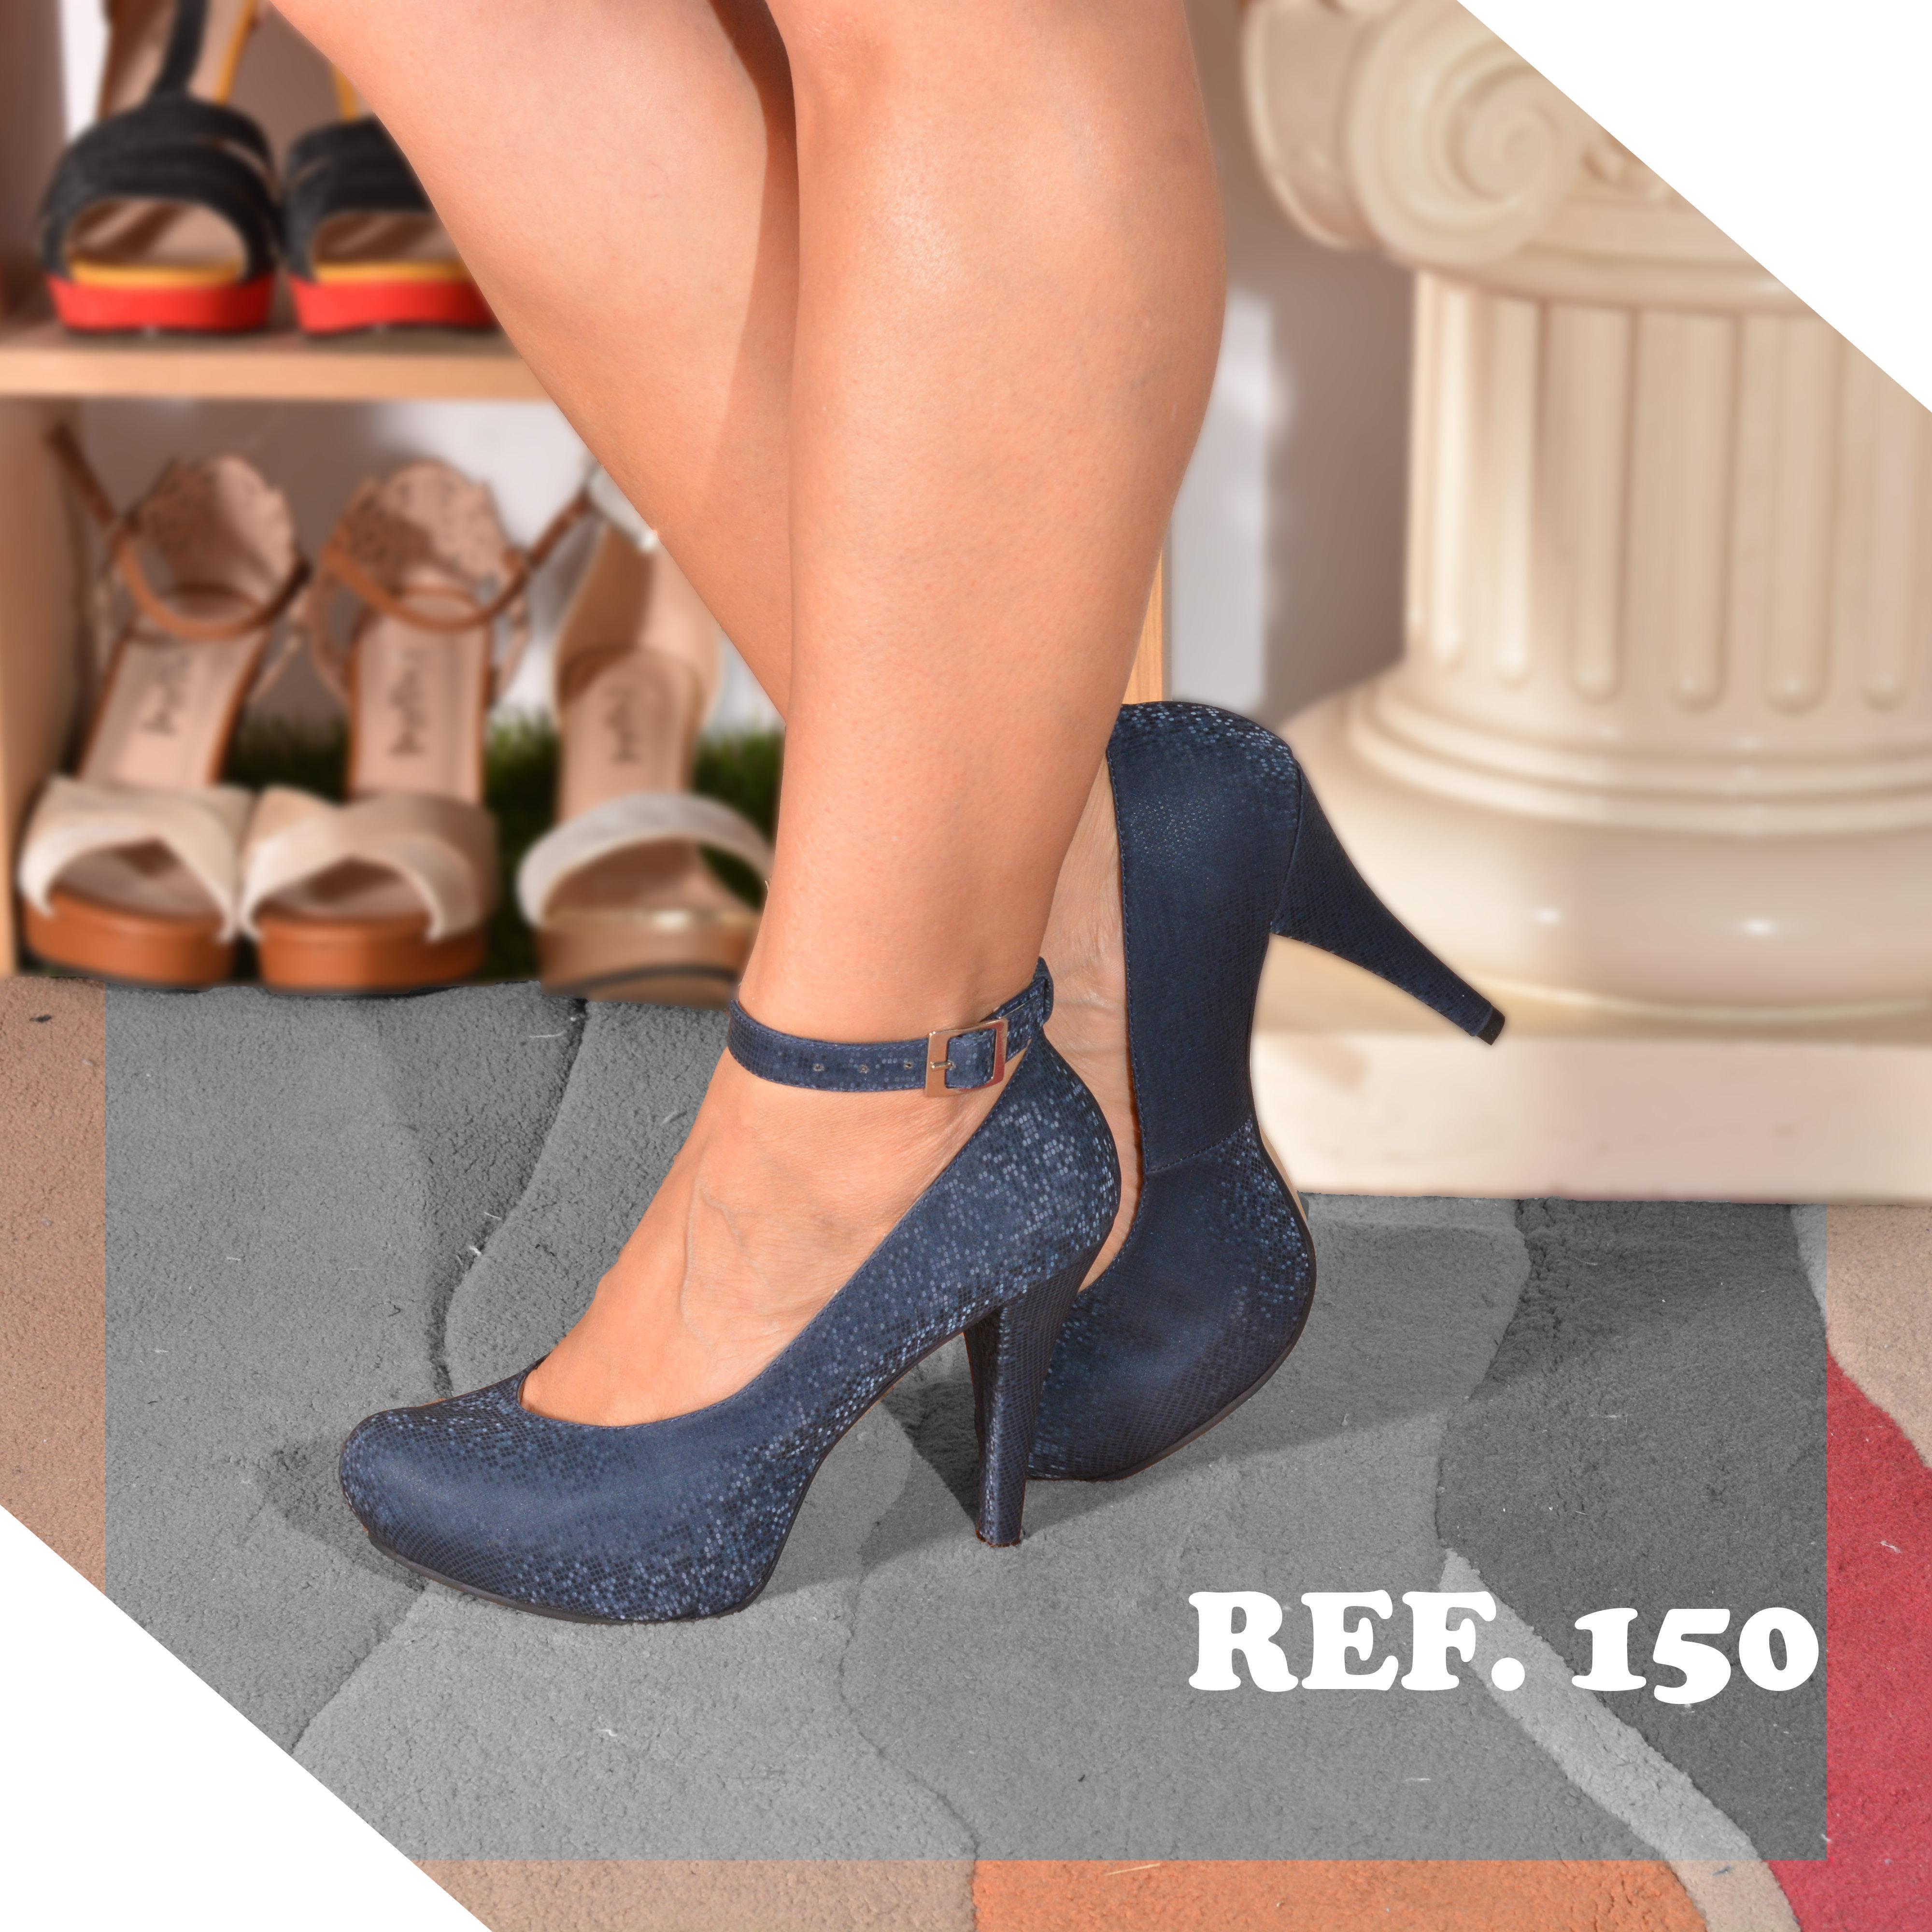 Zapatos Nueva Colección Colombianos con Tacón